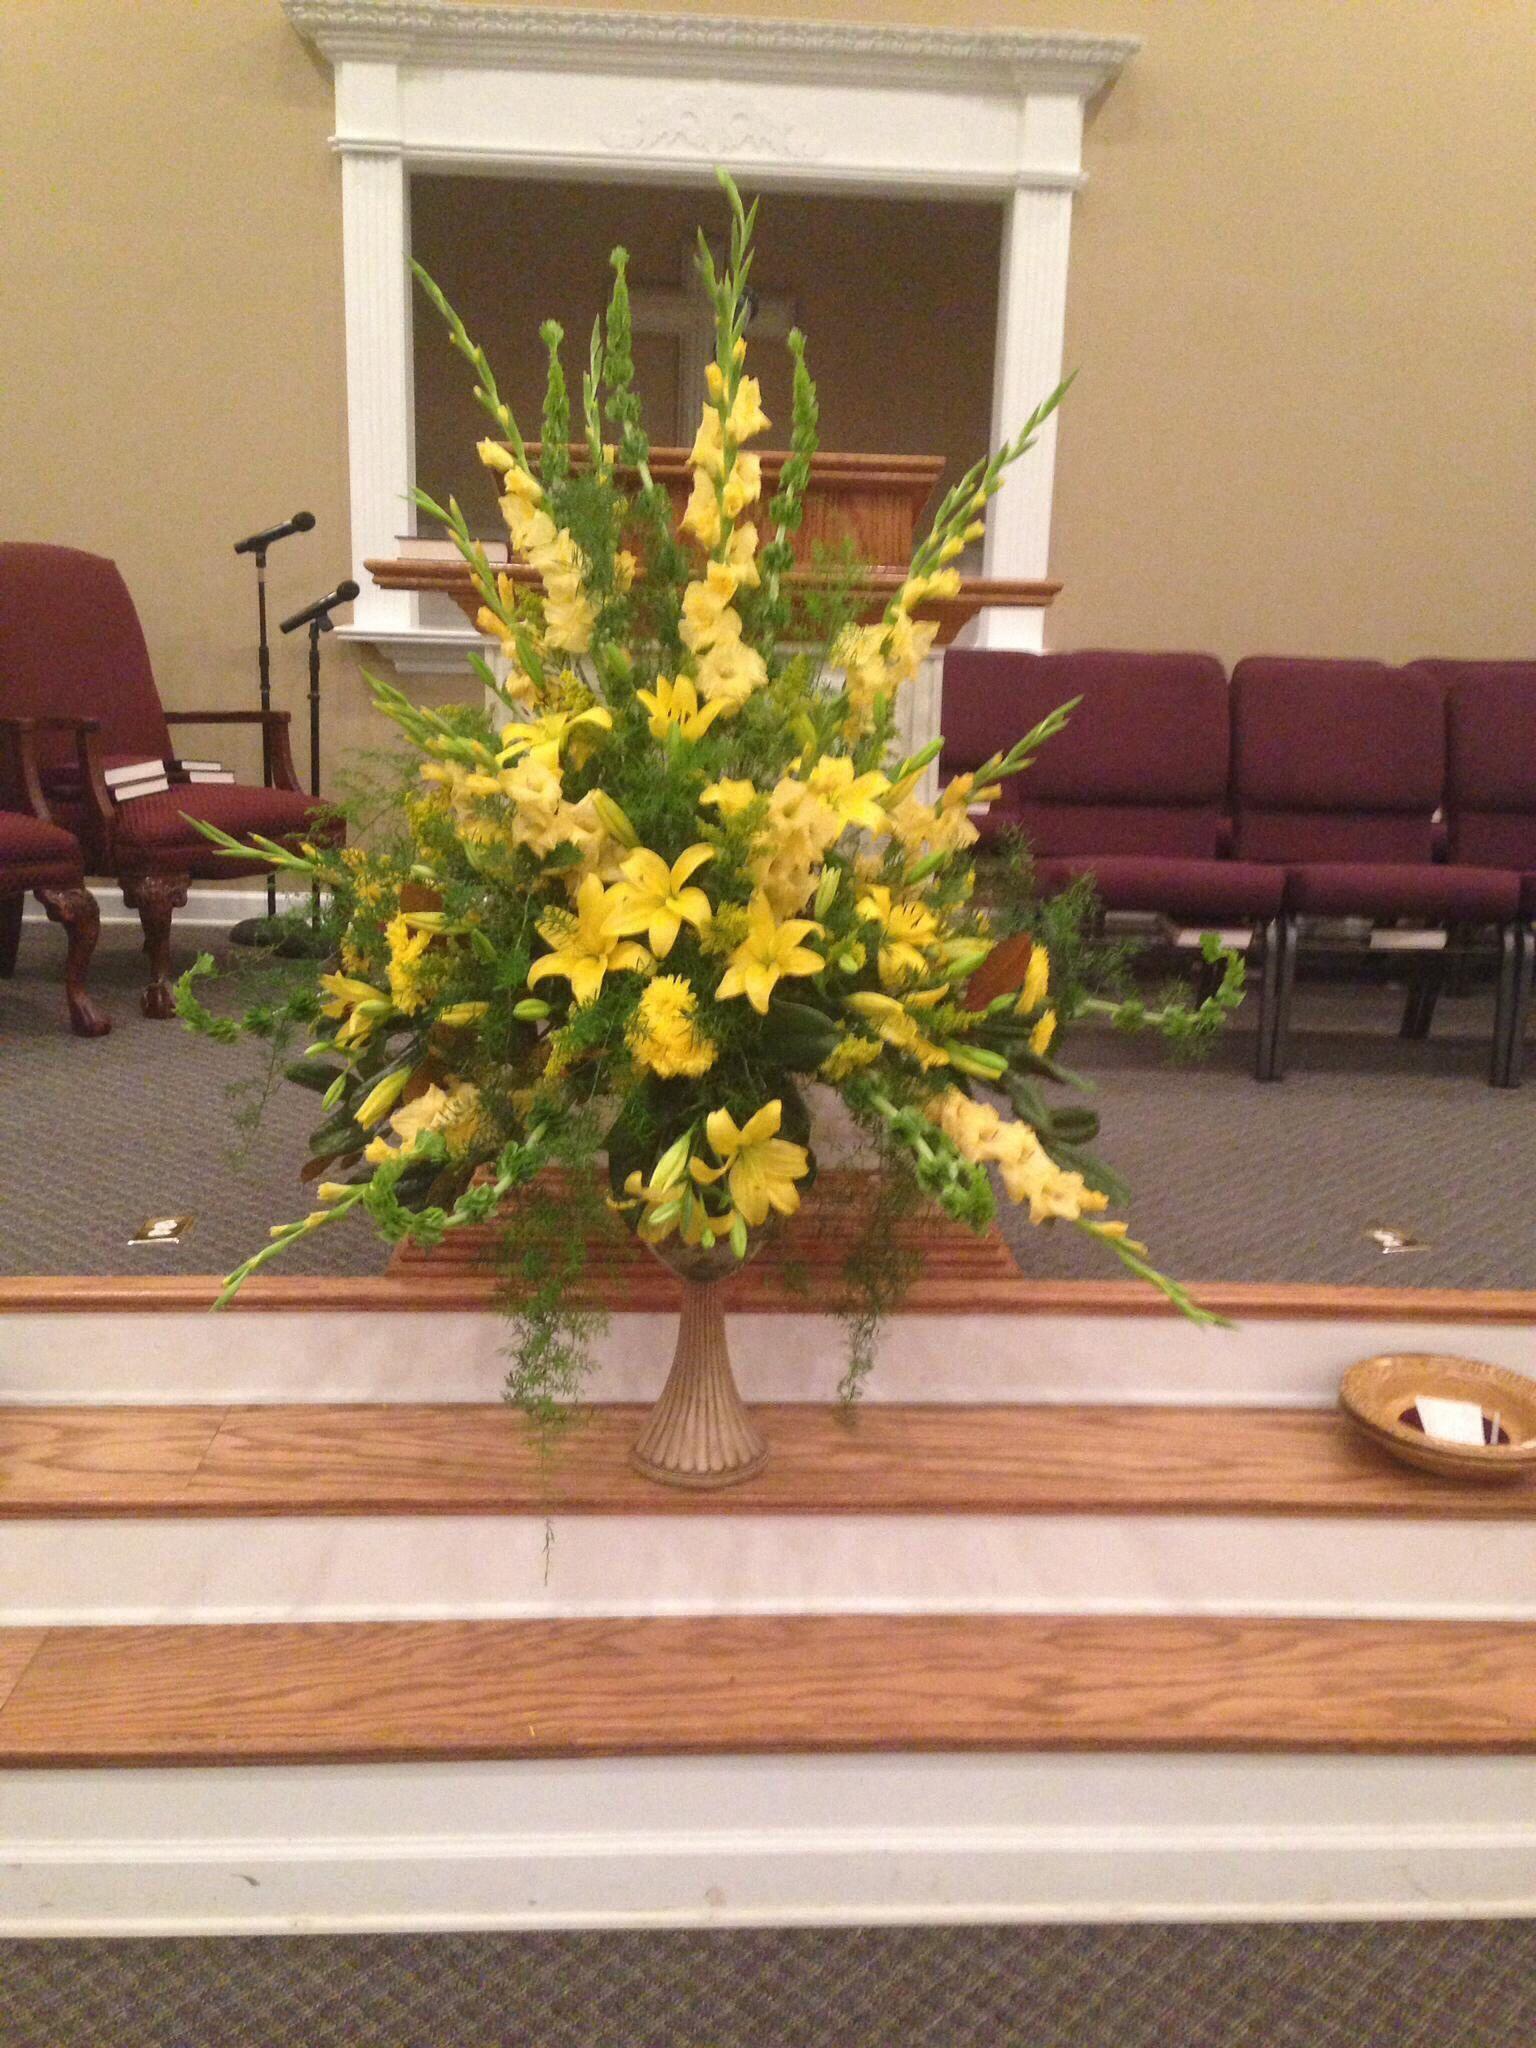 Blomster placeret til ære for mine forældre i The Sanctuary Of-2280